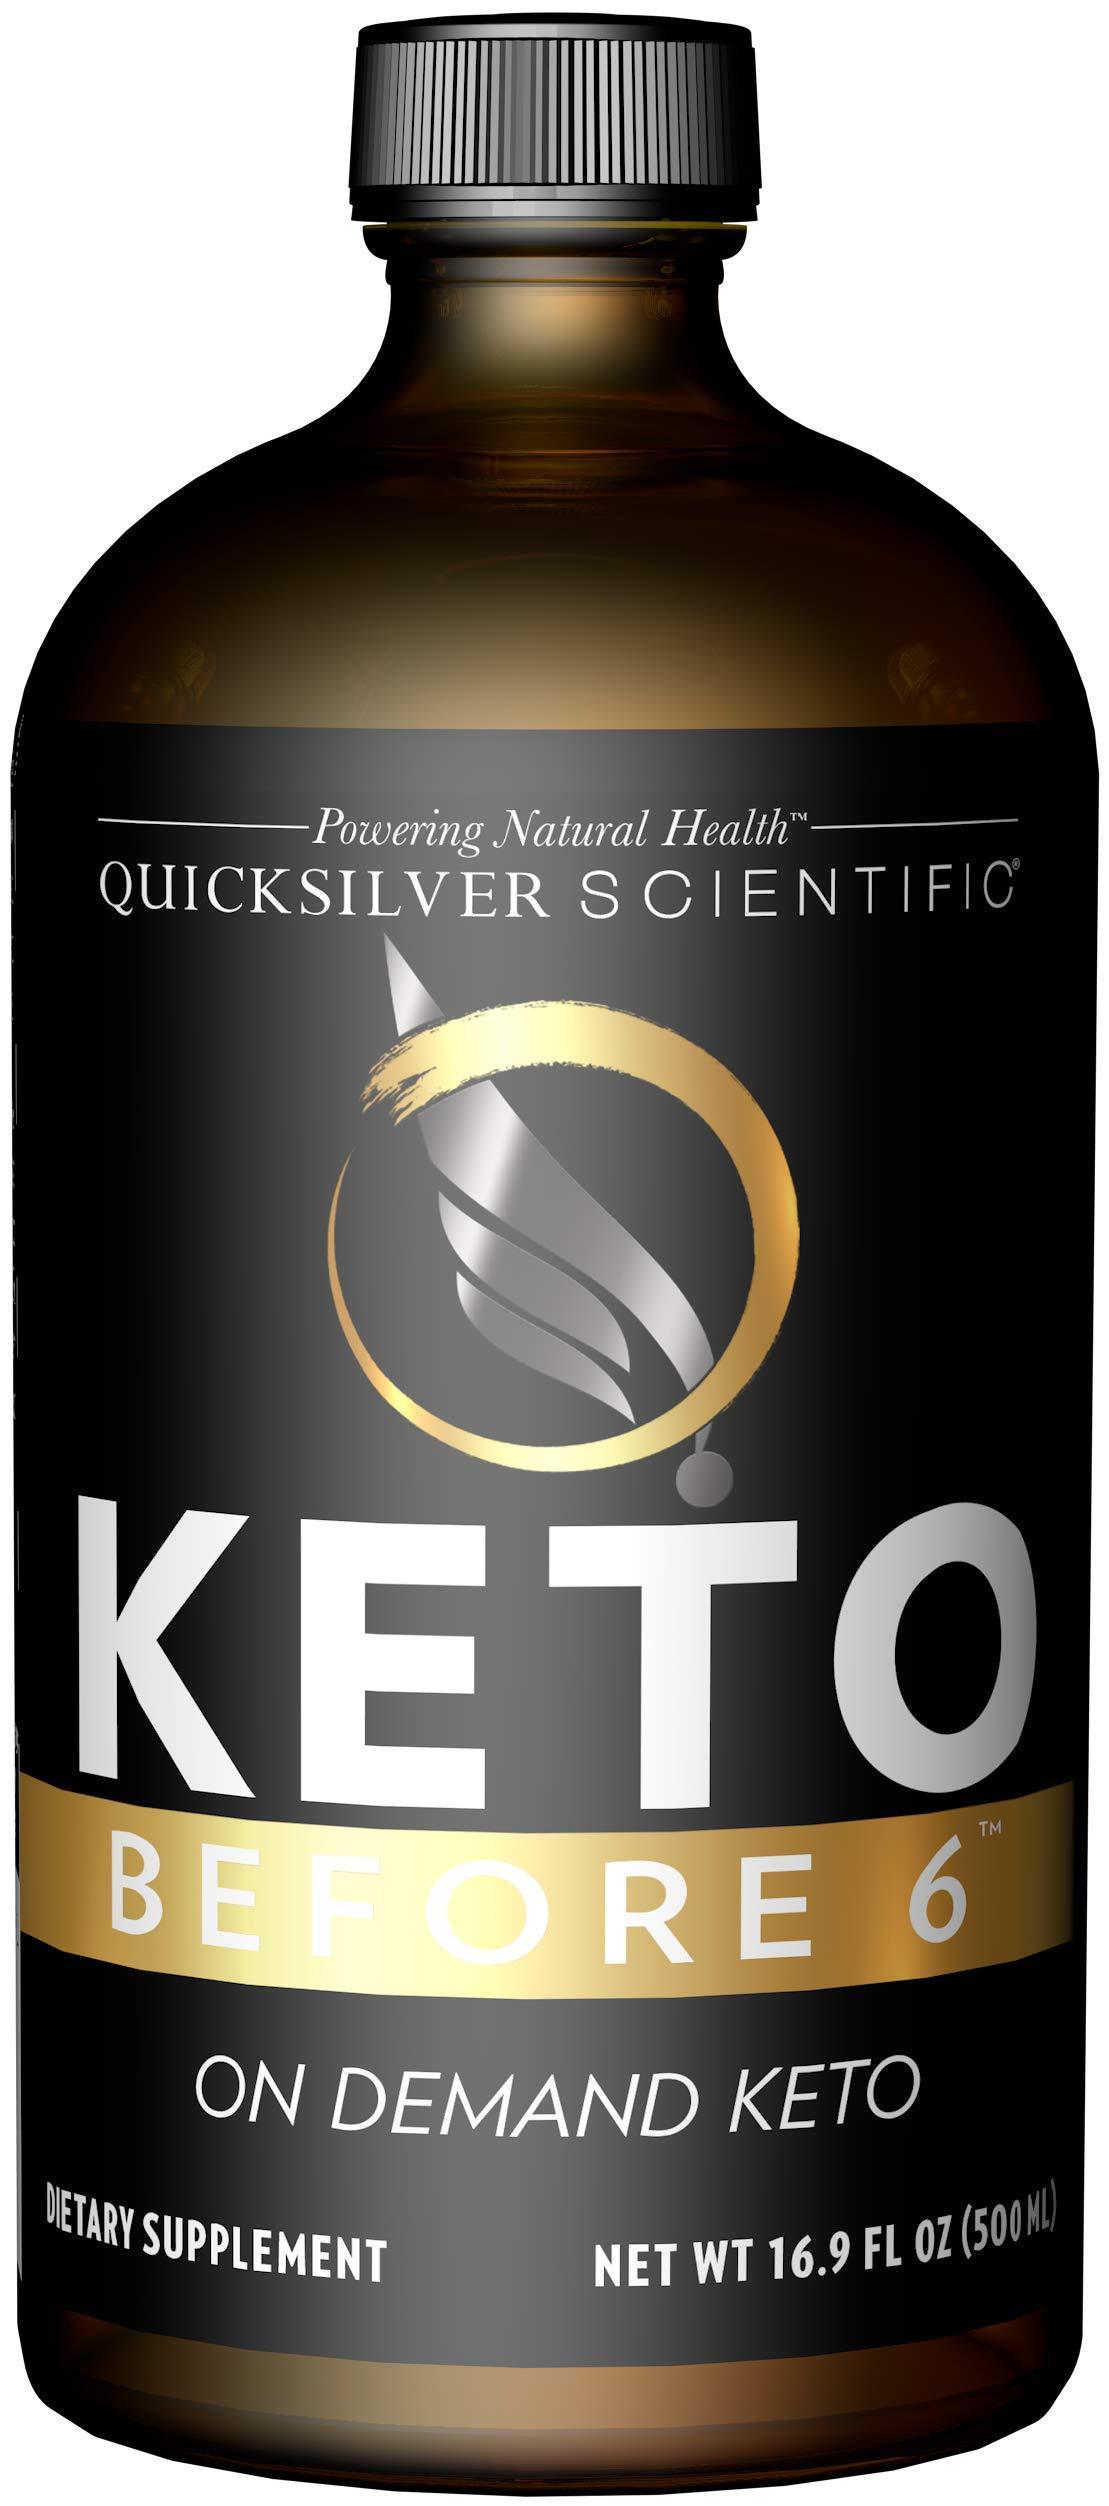 Quicksilver Scientific Keto Before 6 Liquid - Help Fast Track The Body to Keto & Allow for More Flexible Protocols (500 ml / 16.9 oz)